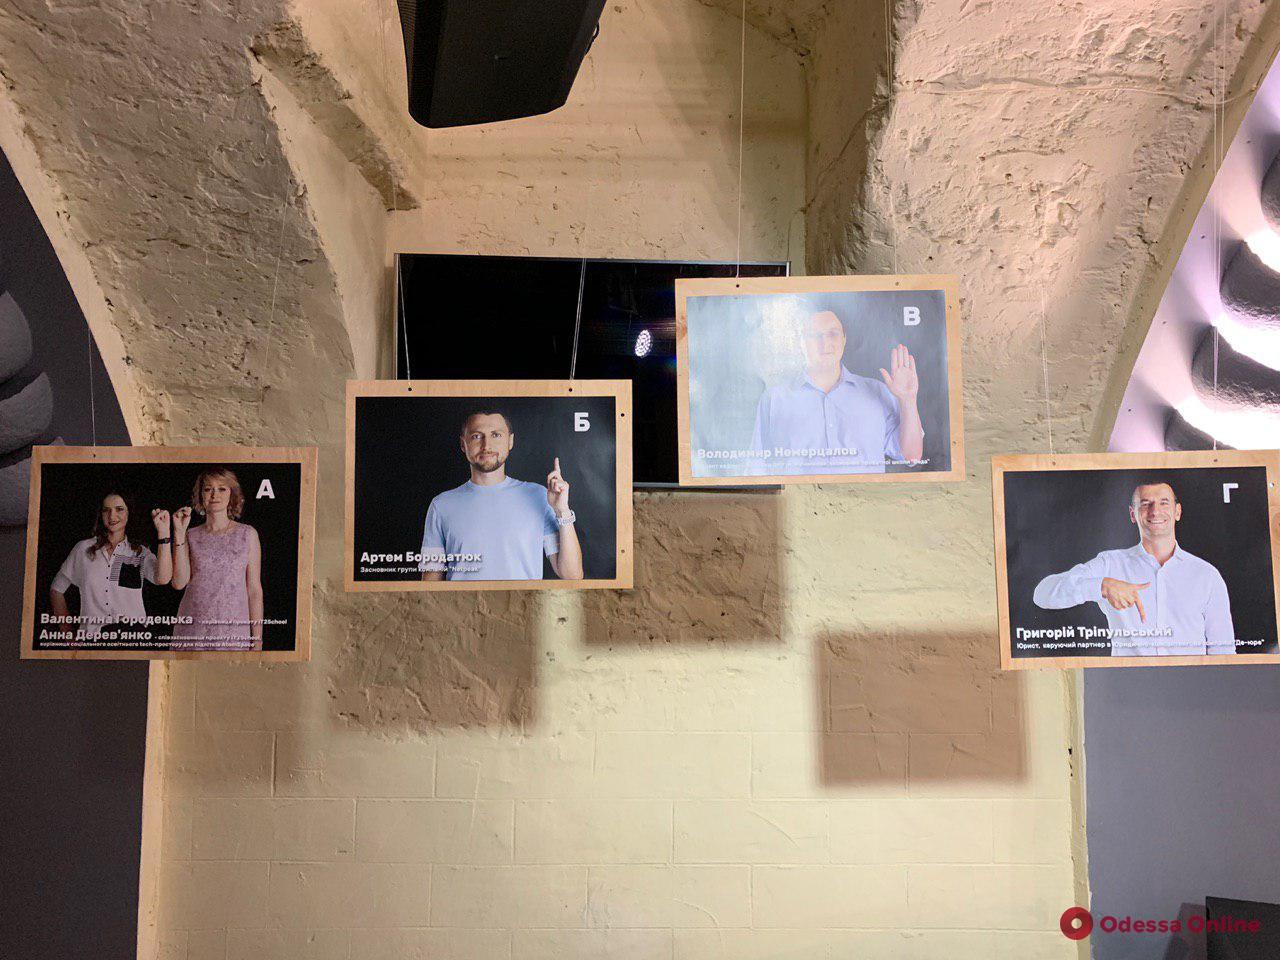 Тишина заговорила: в Одессе открылась необычная фотовыставка (видео)